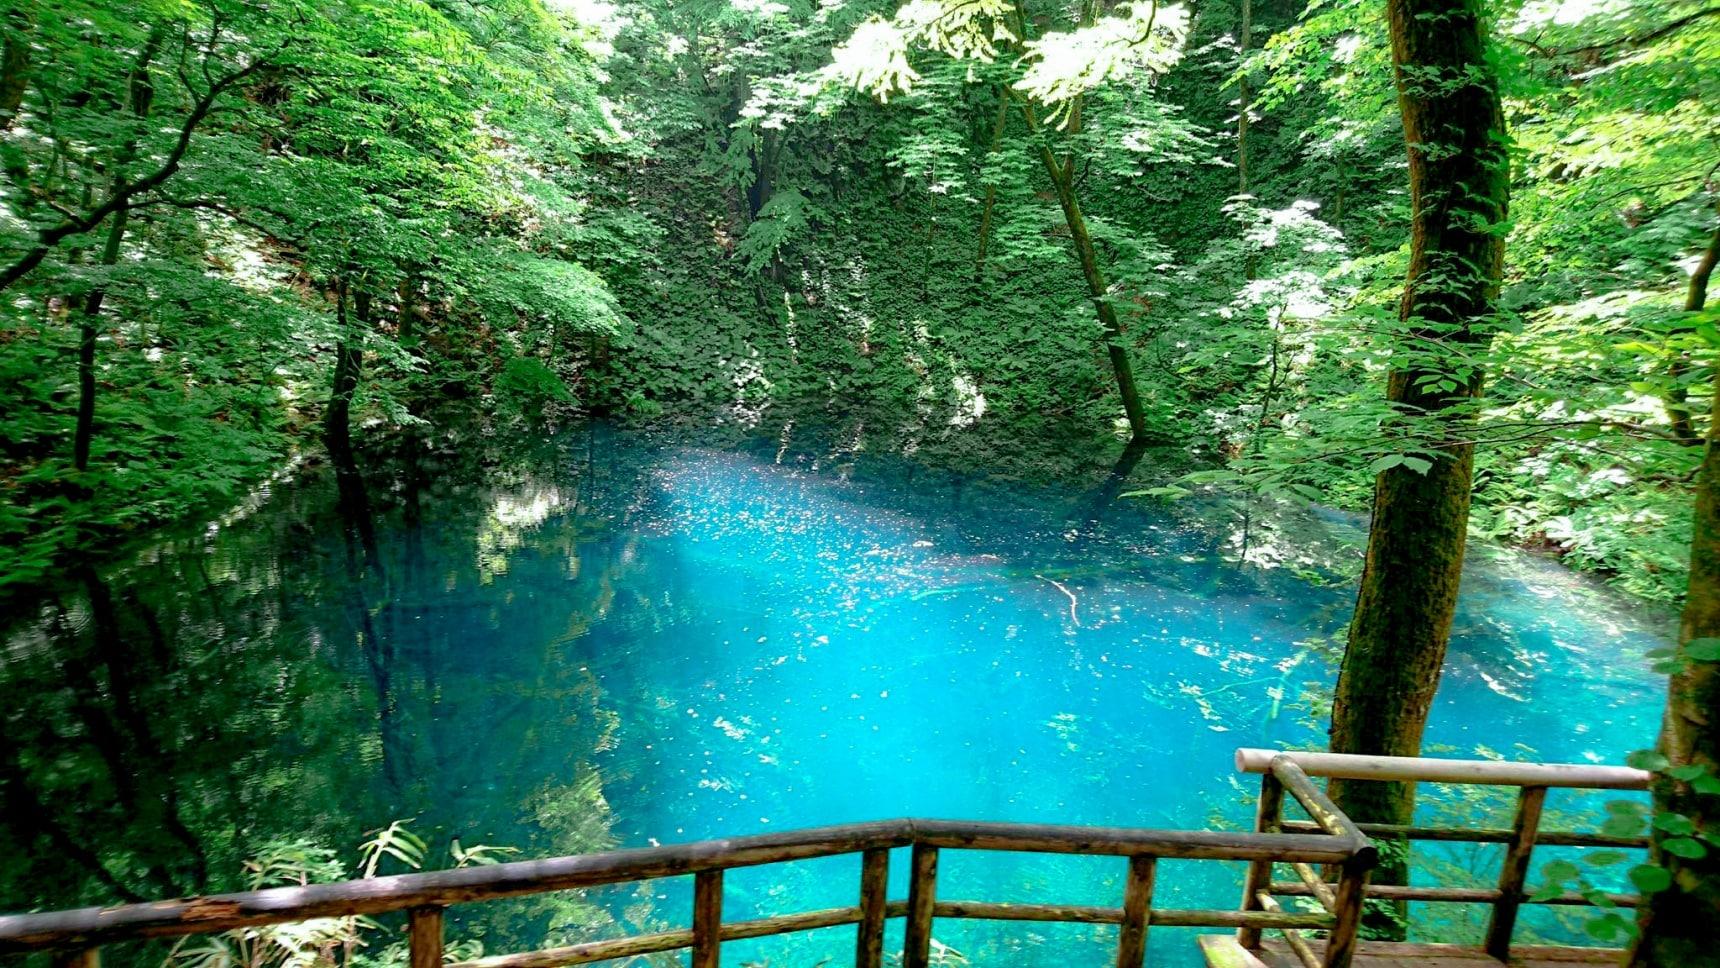 3 มรดกโลกทางธรรมชาติของญี่ปุ่นที่สวยลืมหายใจ